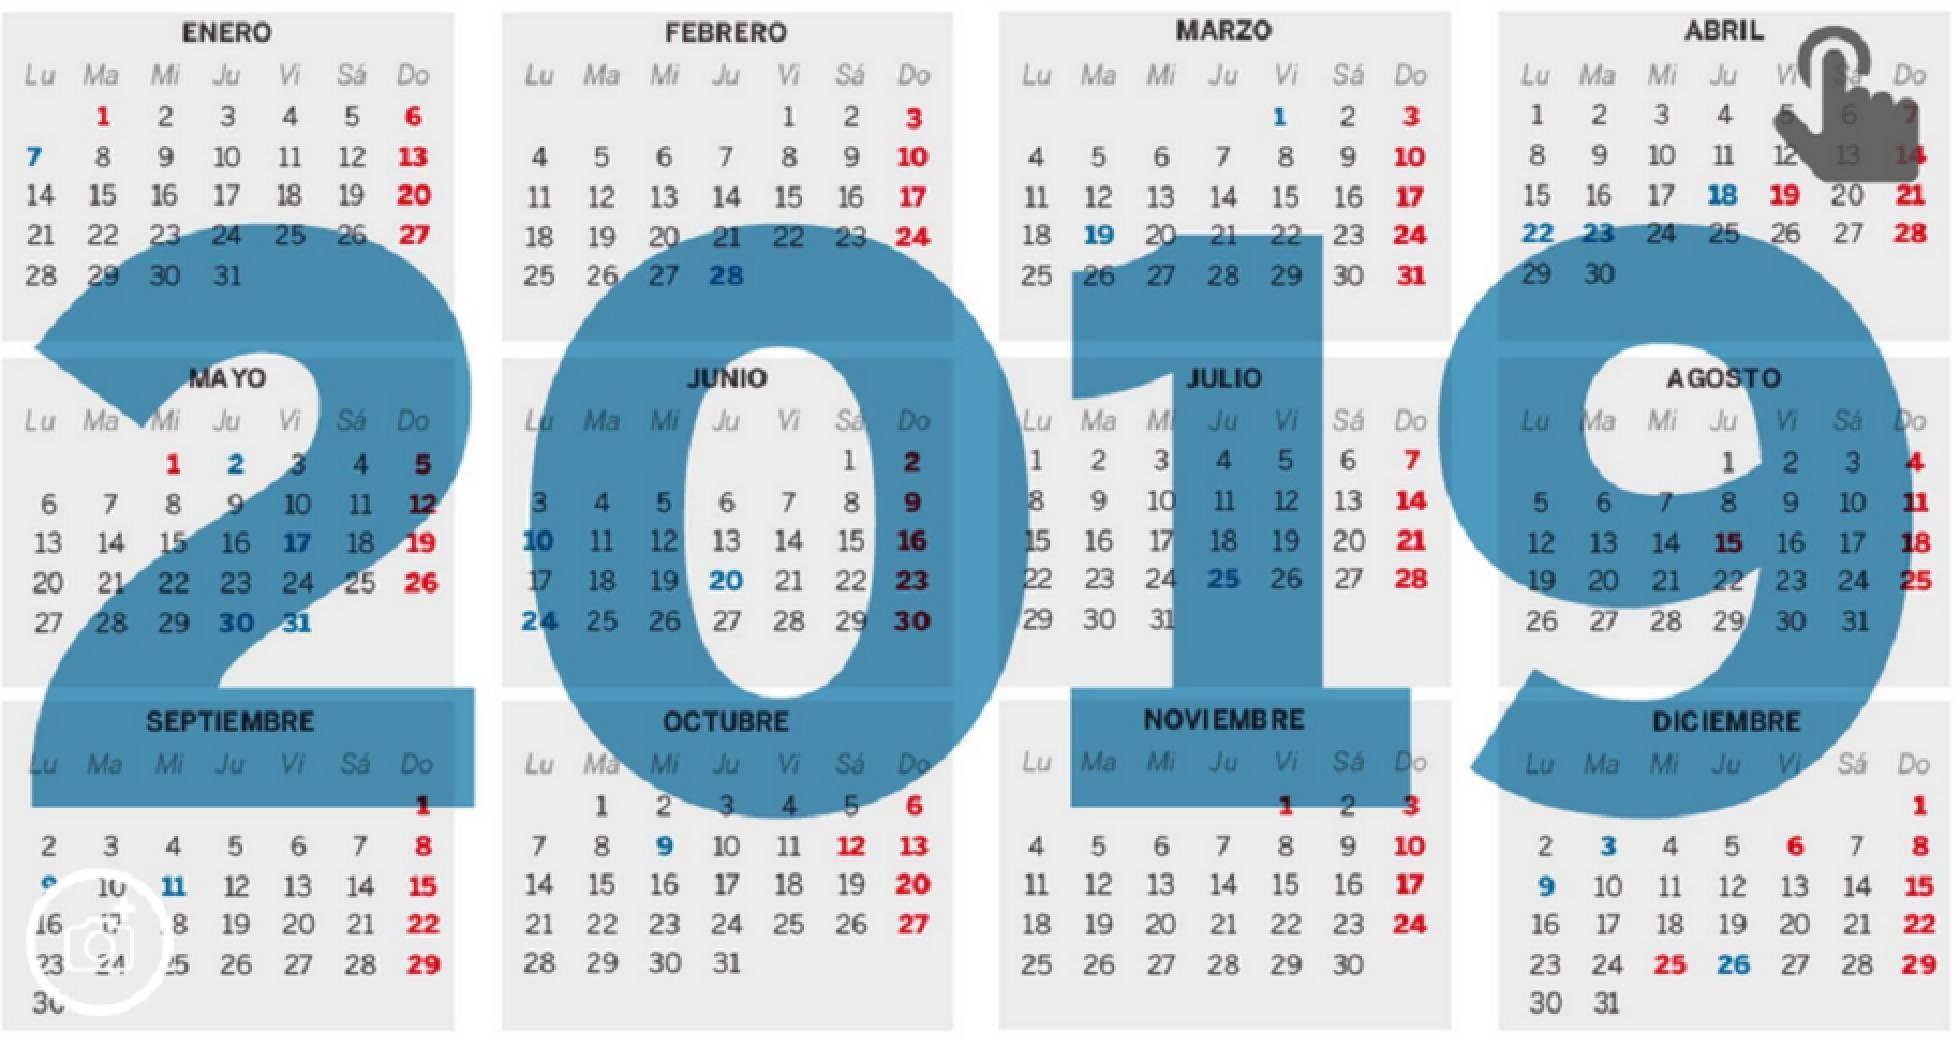 Calendario Laboral Espaıa con Festivos 2019 BOE